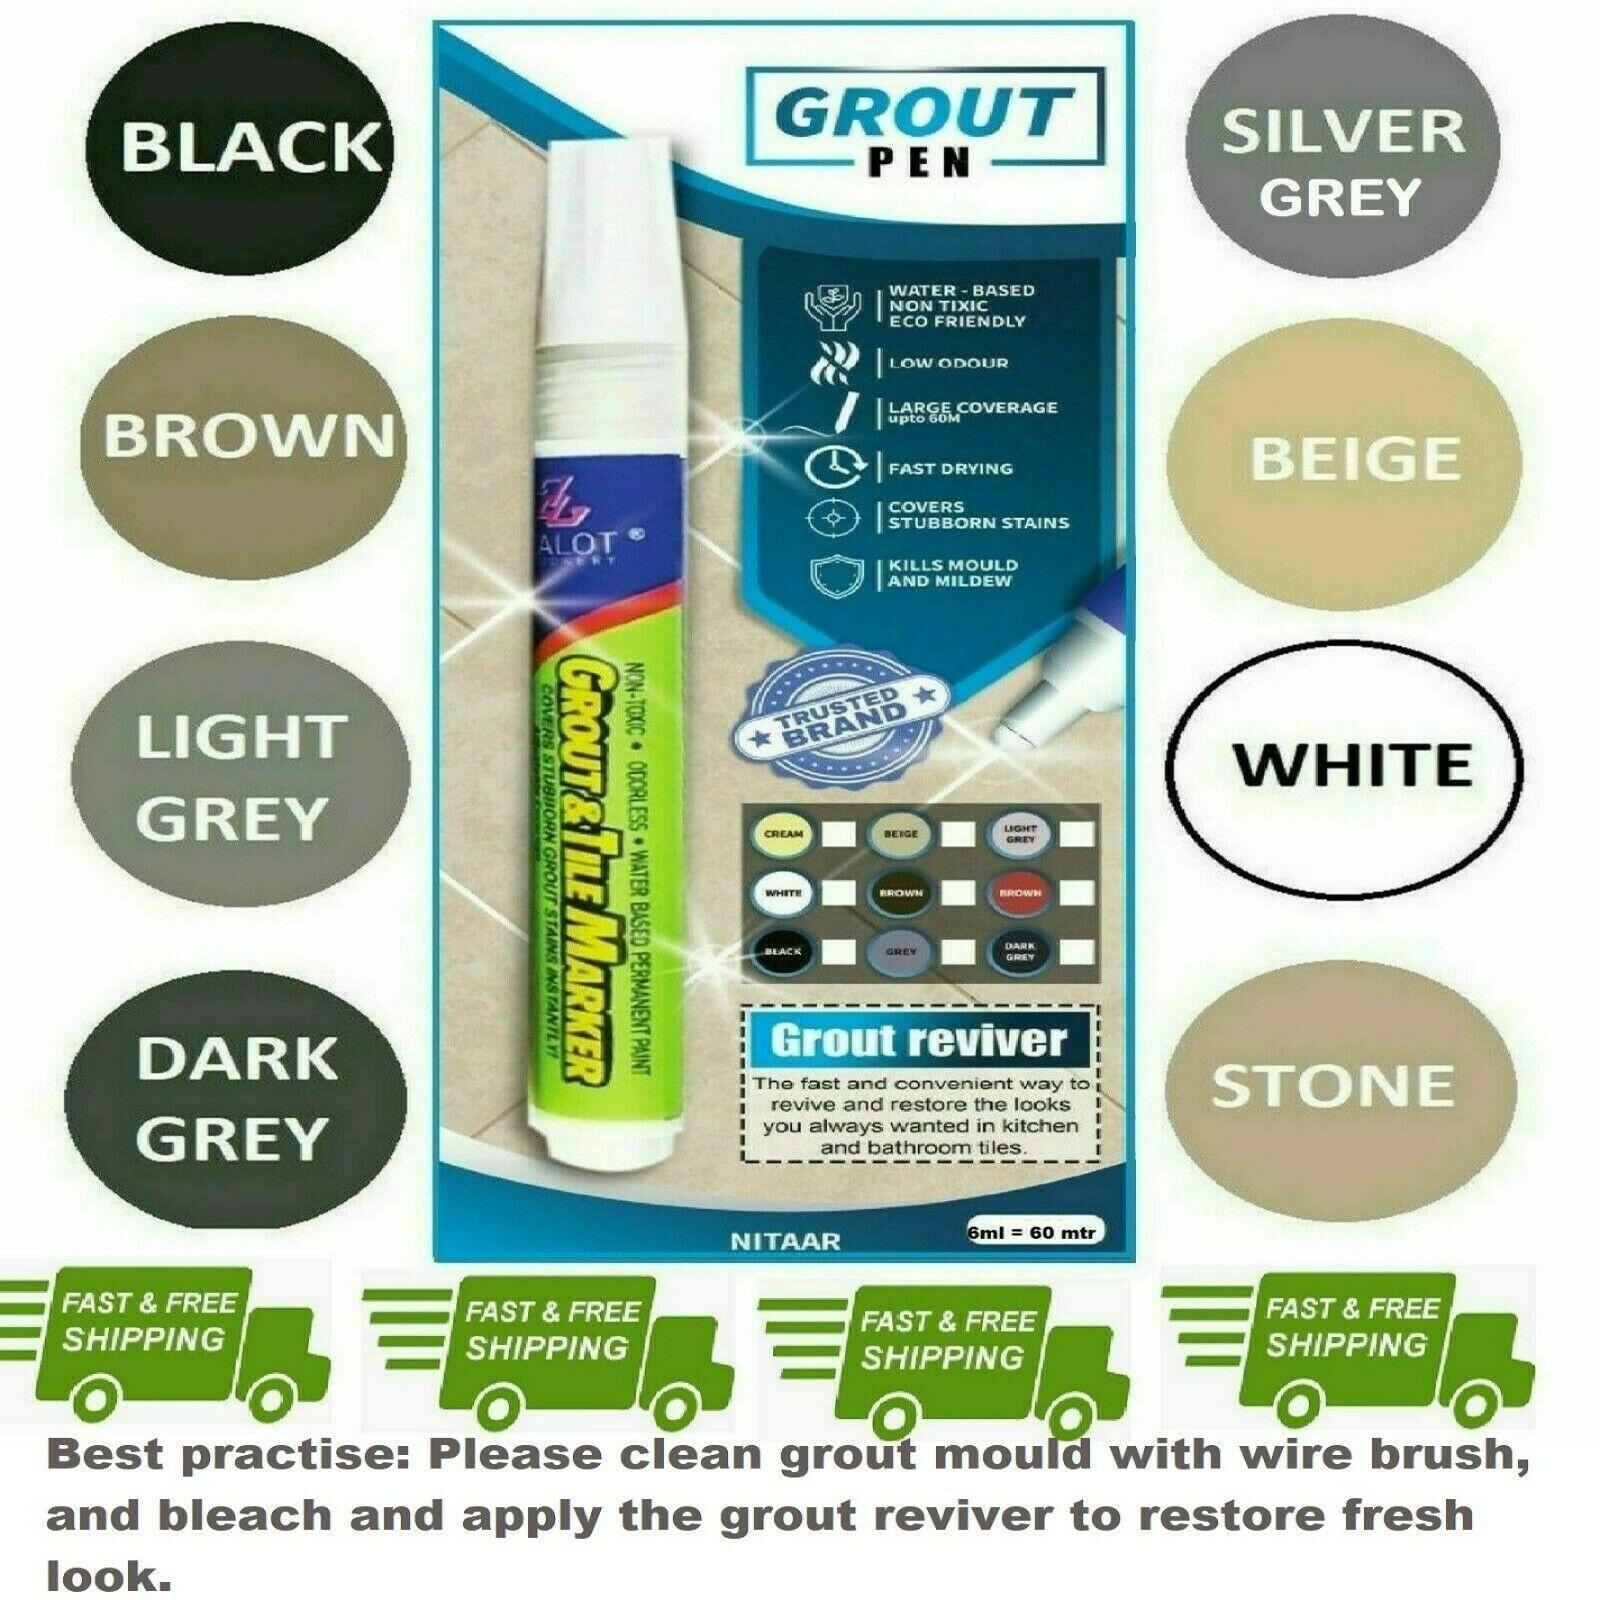 Grout Pen Revives Amp Restores Tile Grout Anti Mould White